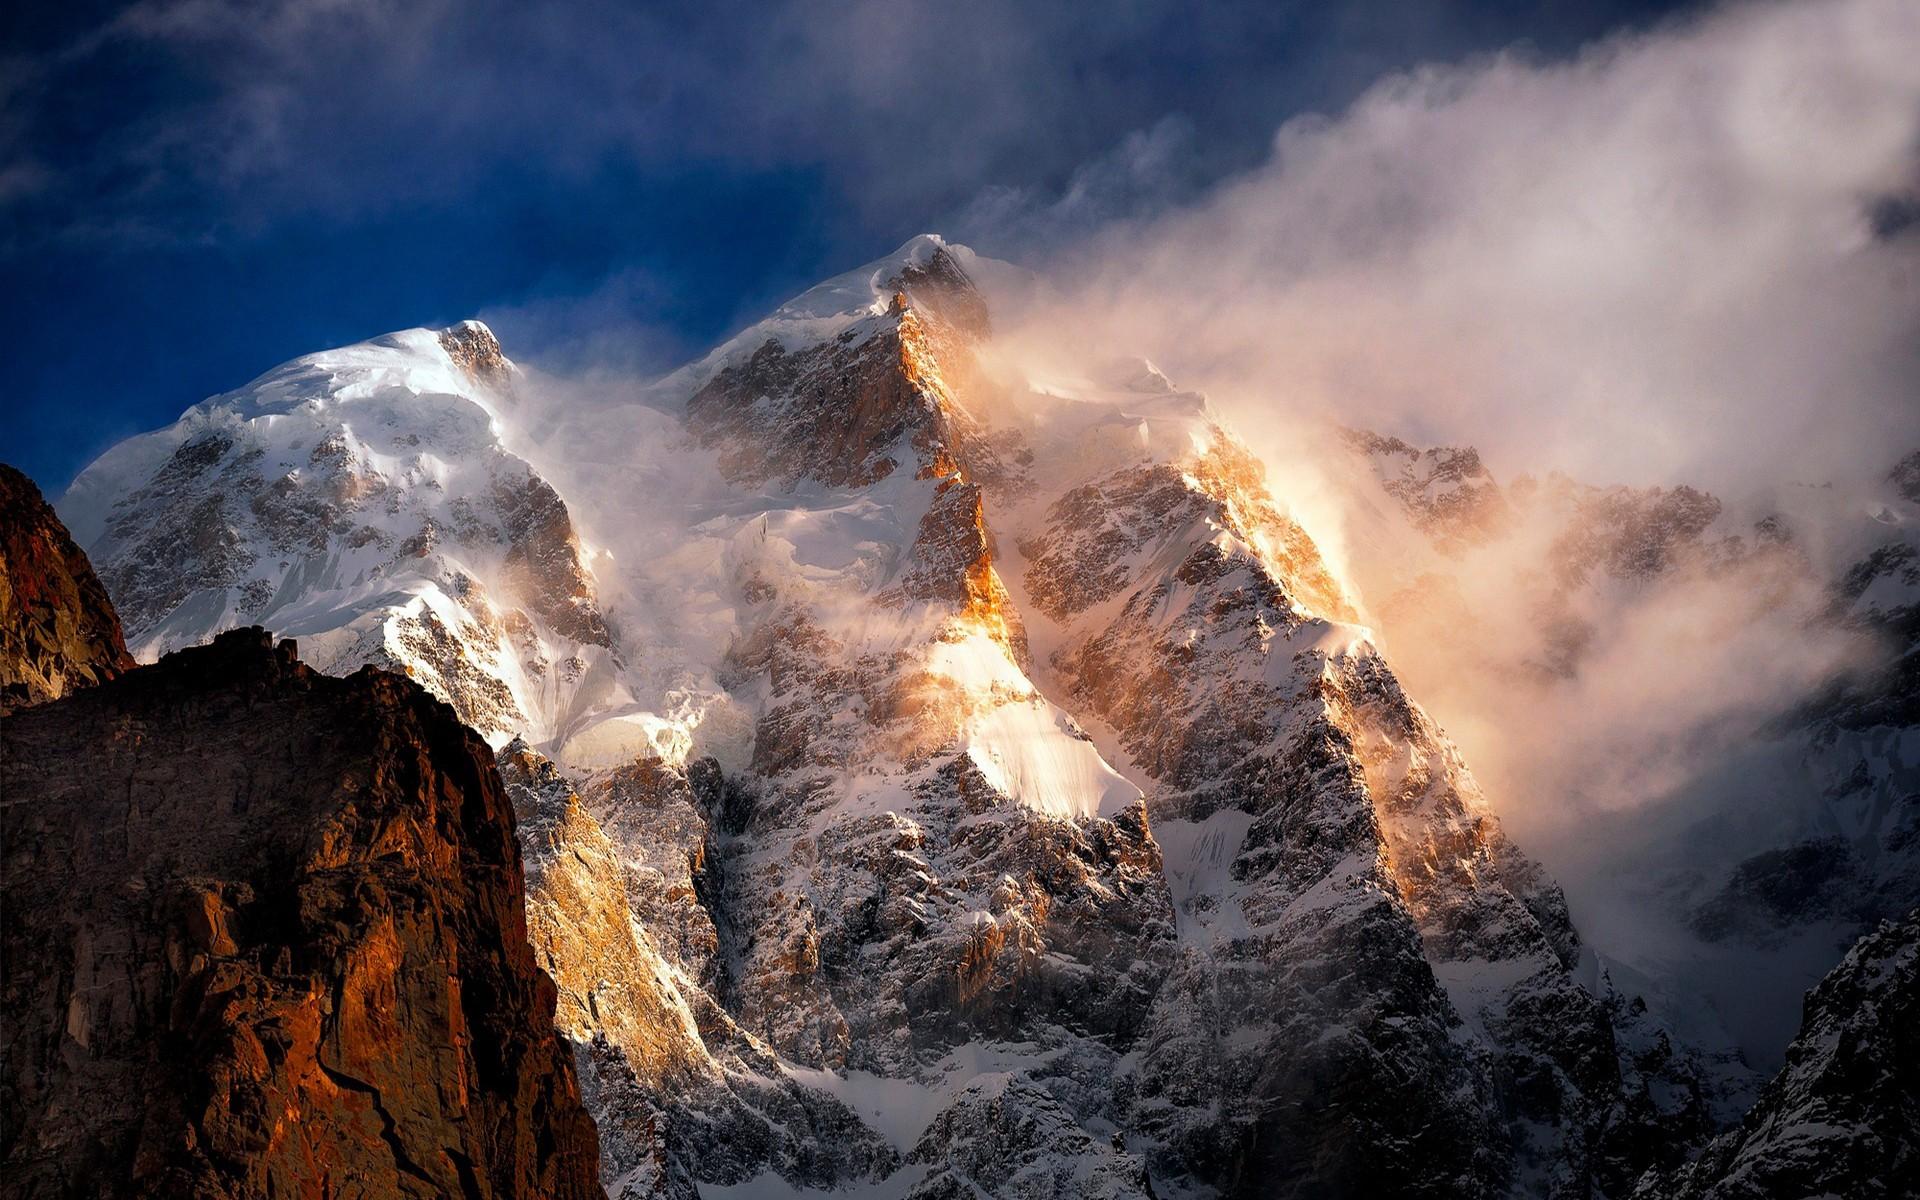 скворечник к чему снится фотографировать красивые горы все ключевые